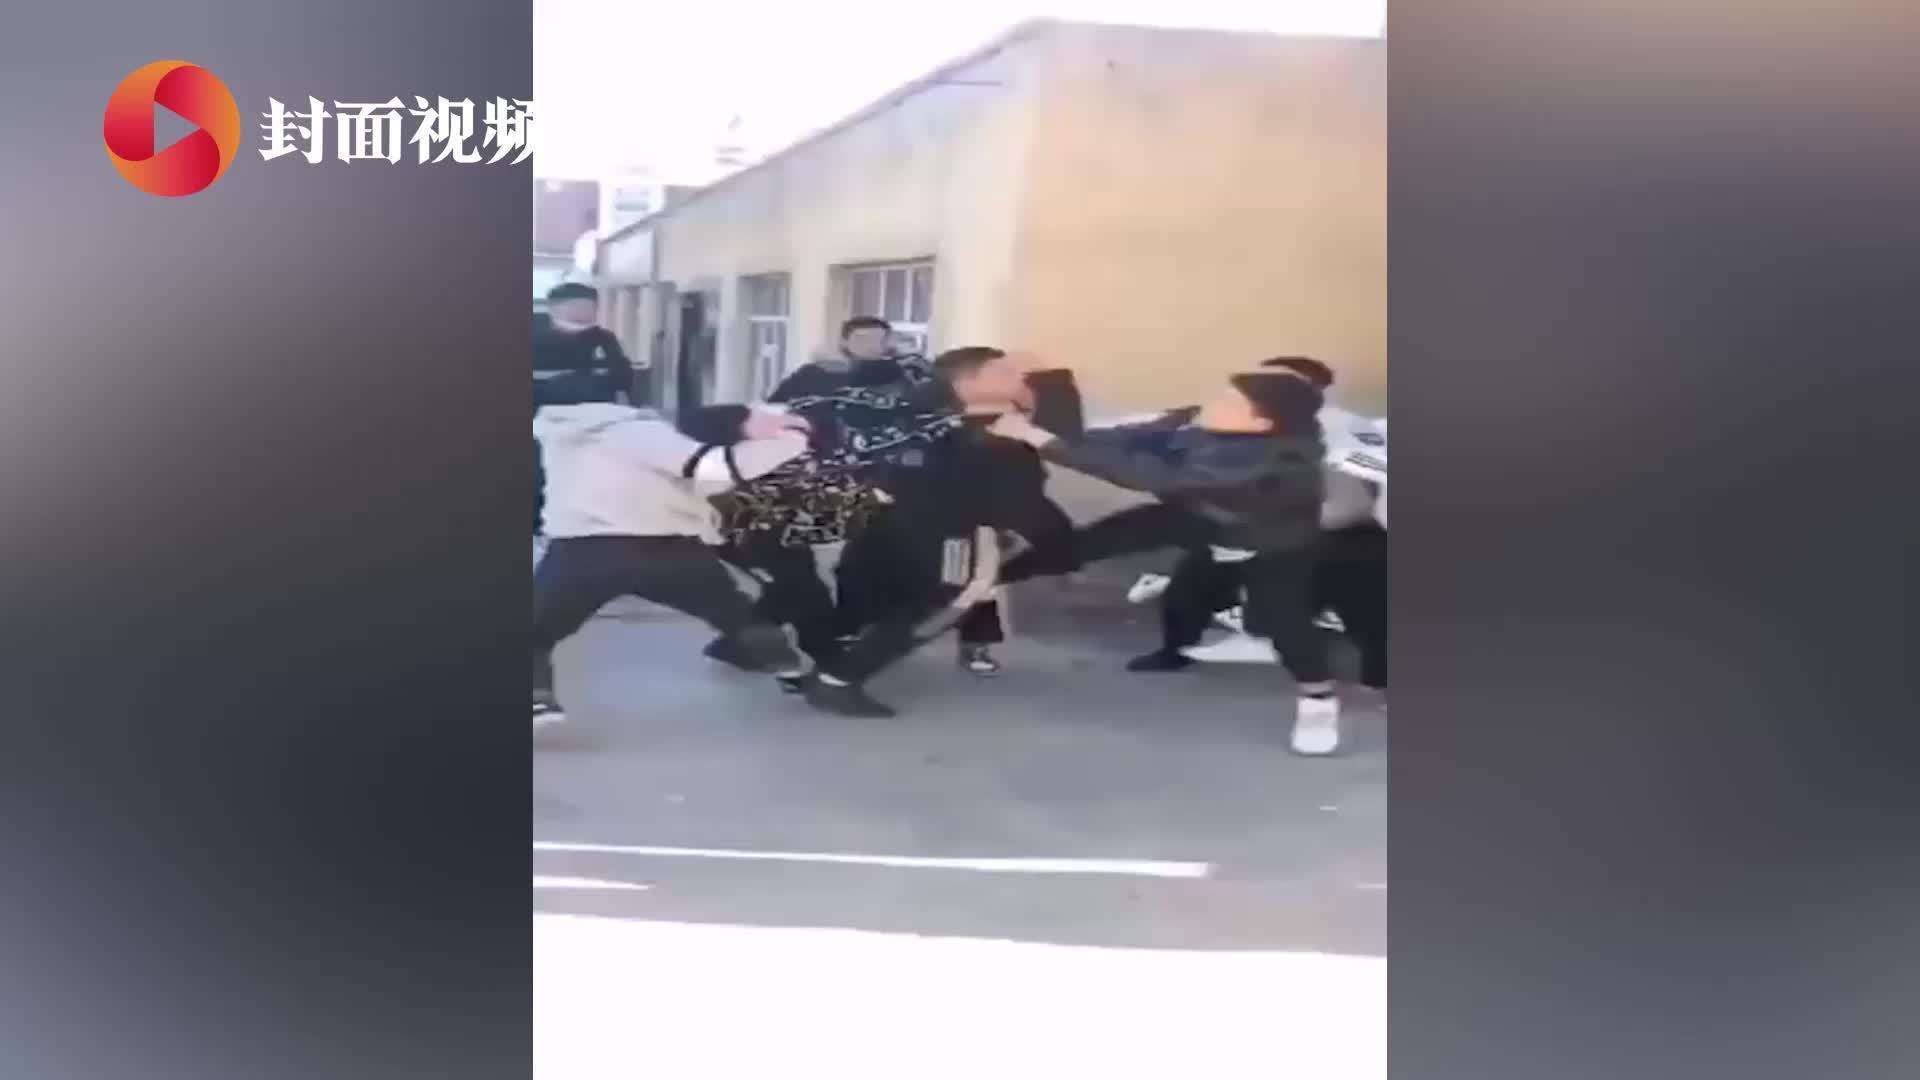 黑龙江一职高学生与他人斗殴被捅身亡 班主任:对方20人打他一个